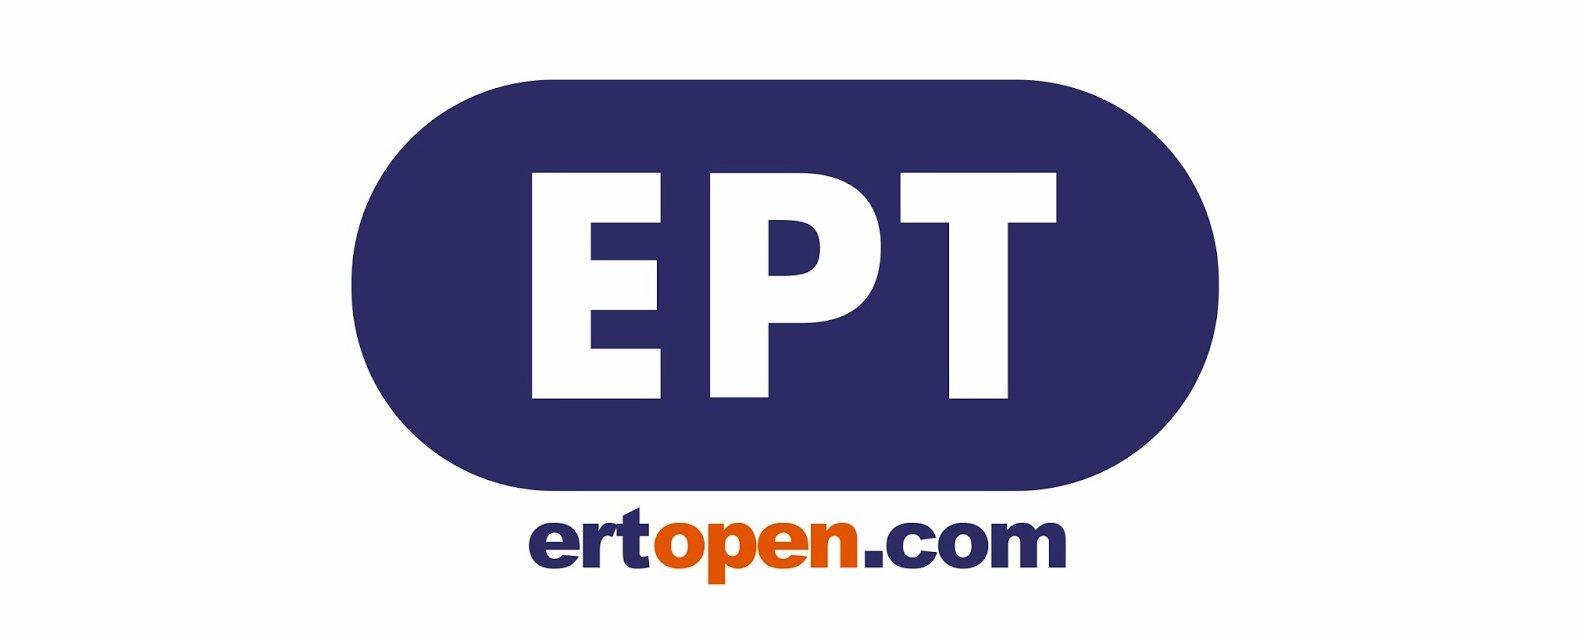 logo-ert-open-bw-color-2